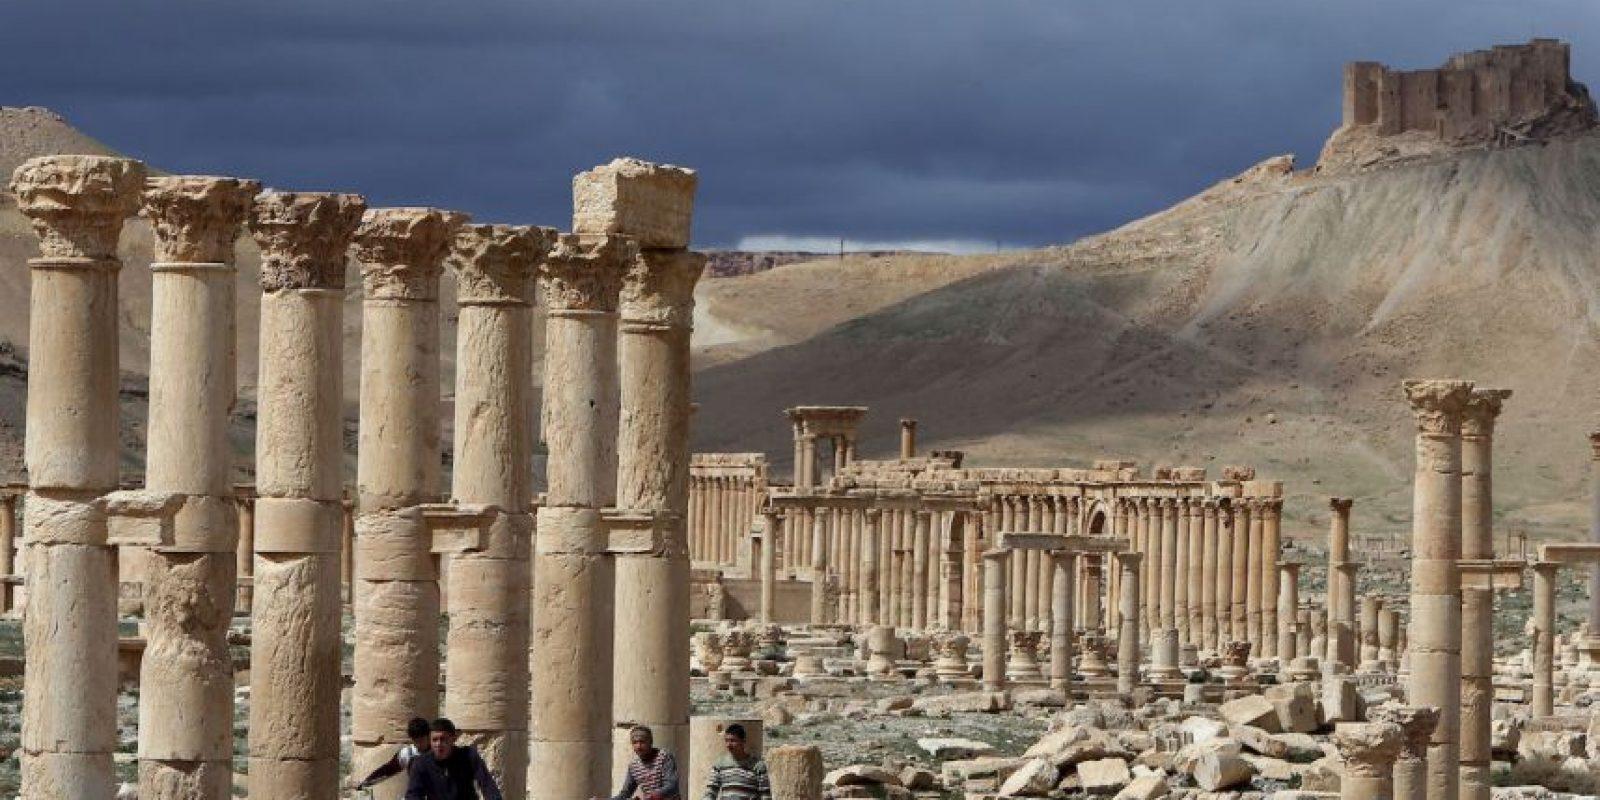 7. Fue una importante ruta comercial, ya que unía Persia, India y China con el Imperio Romano. Foto:AFP